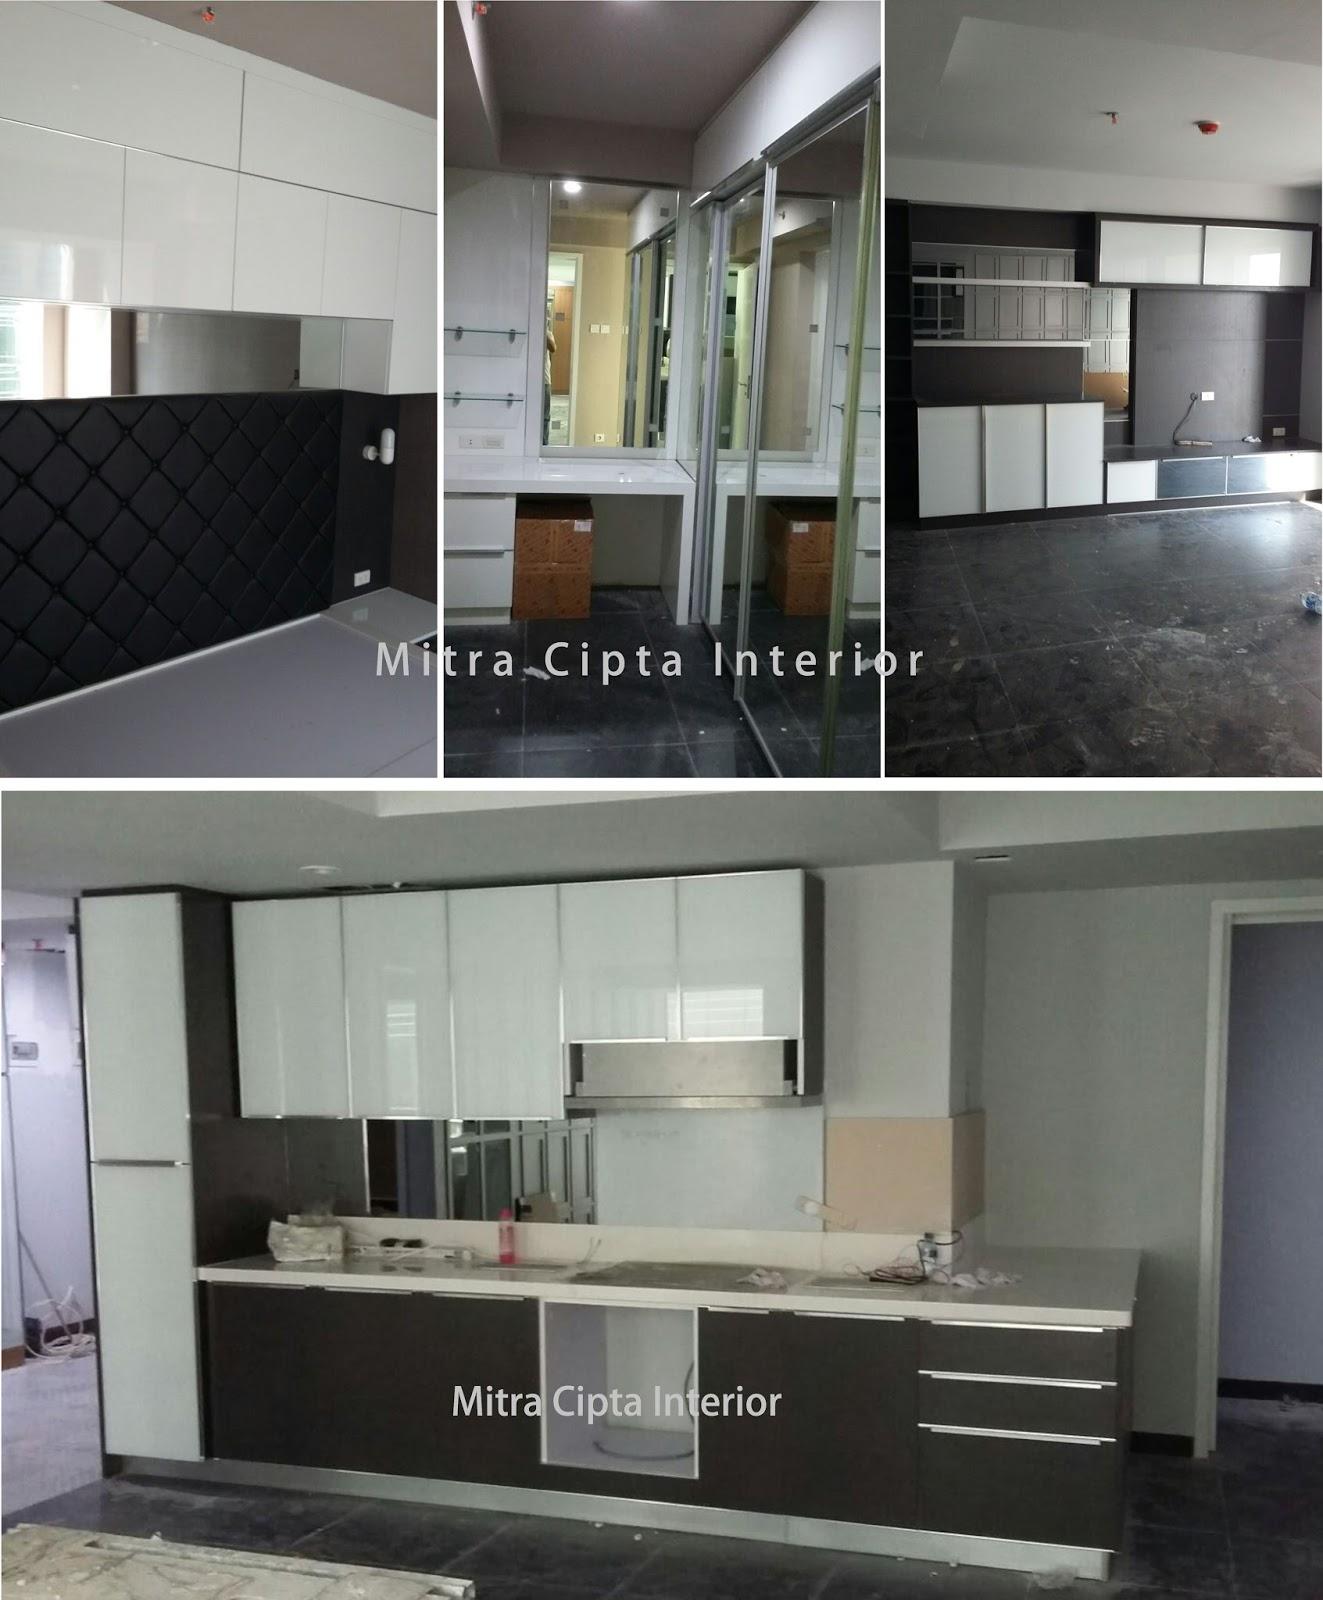 interior design furniture images. Design Interior Mataram City Jogja Furniture Images